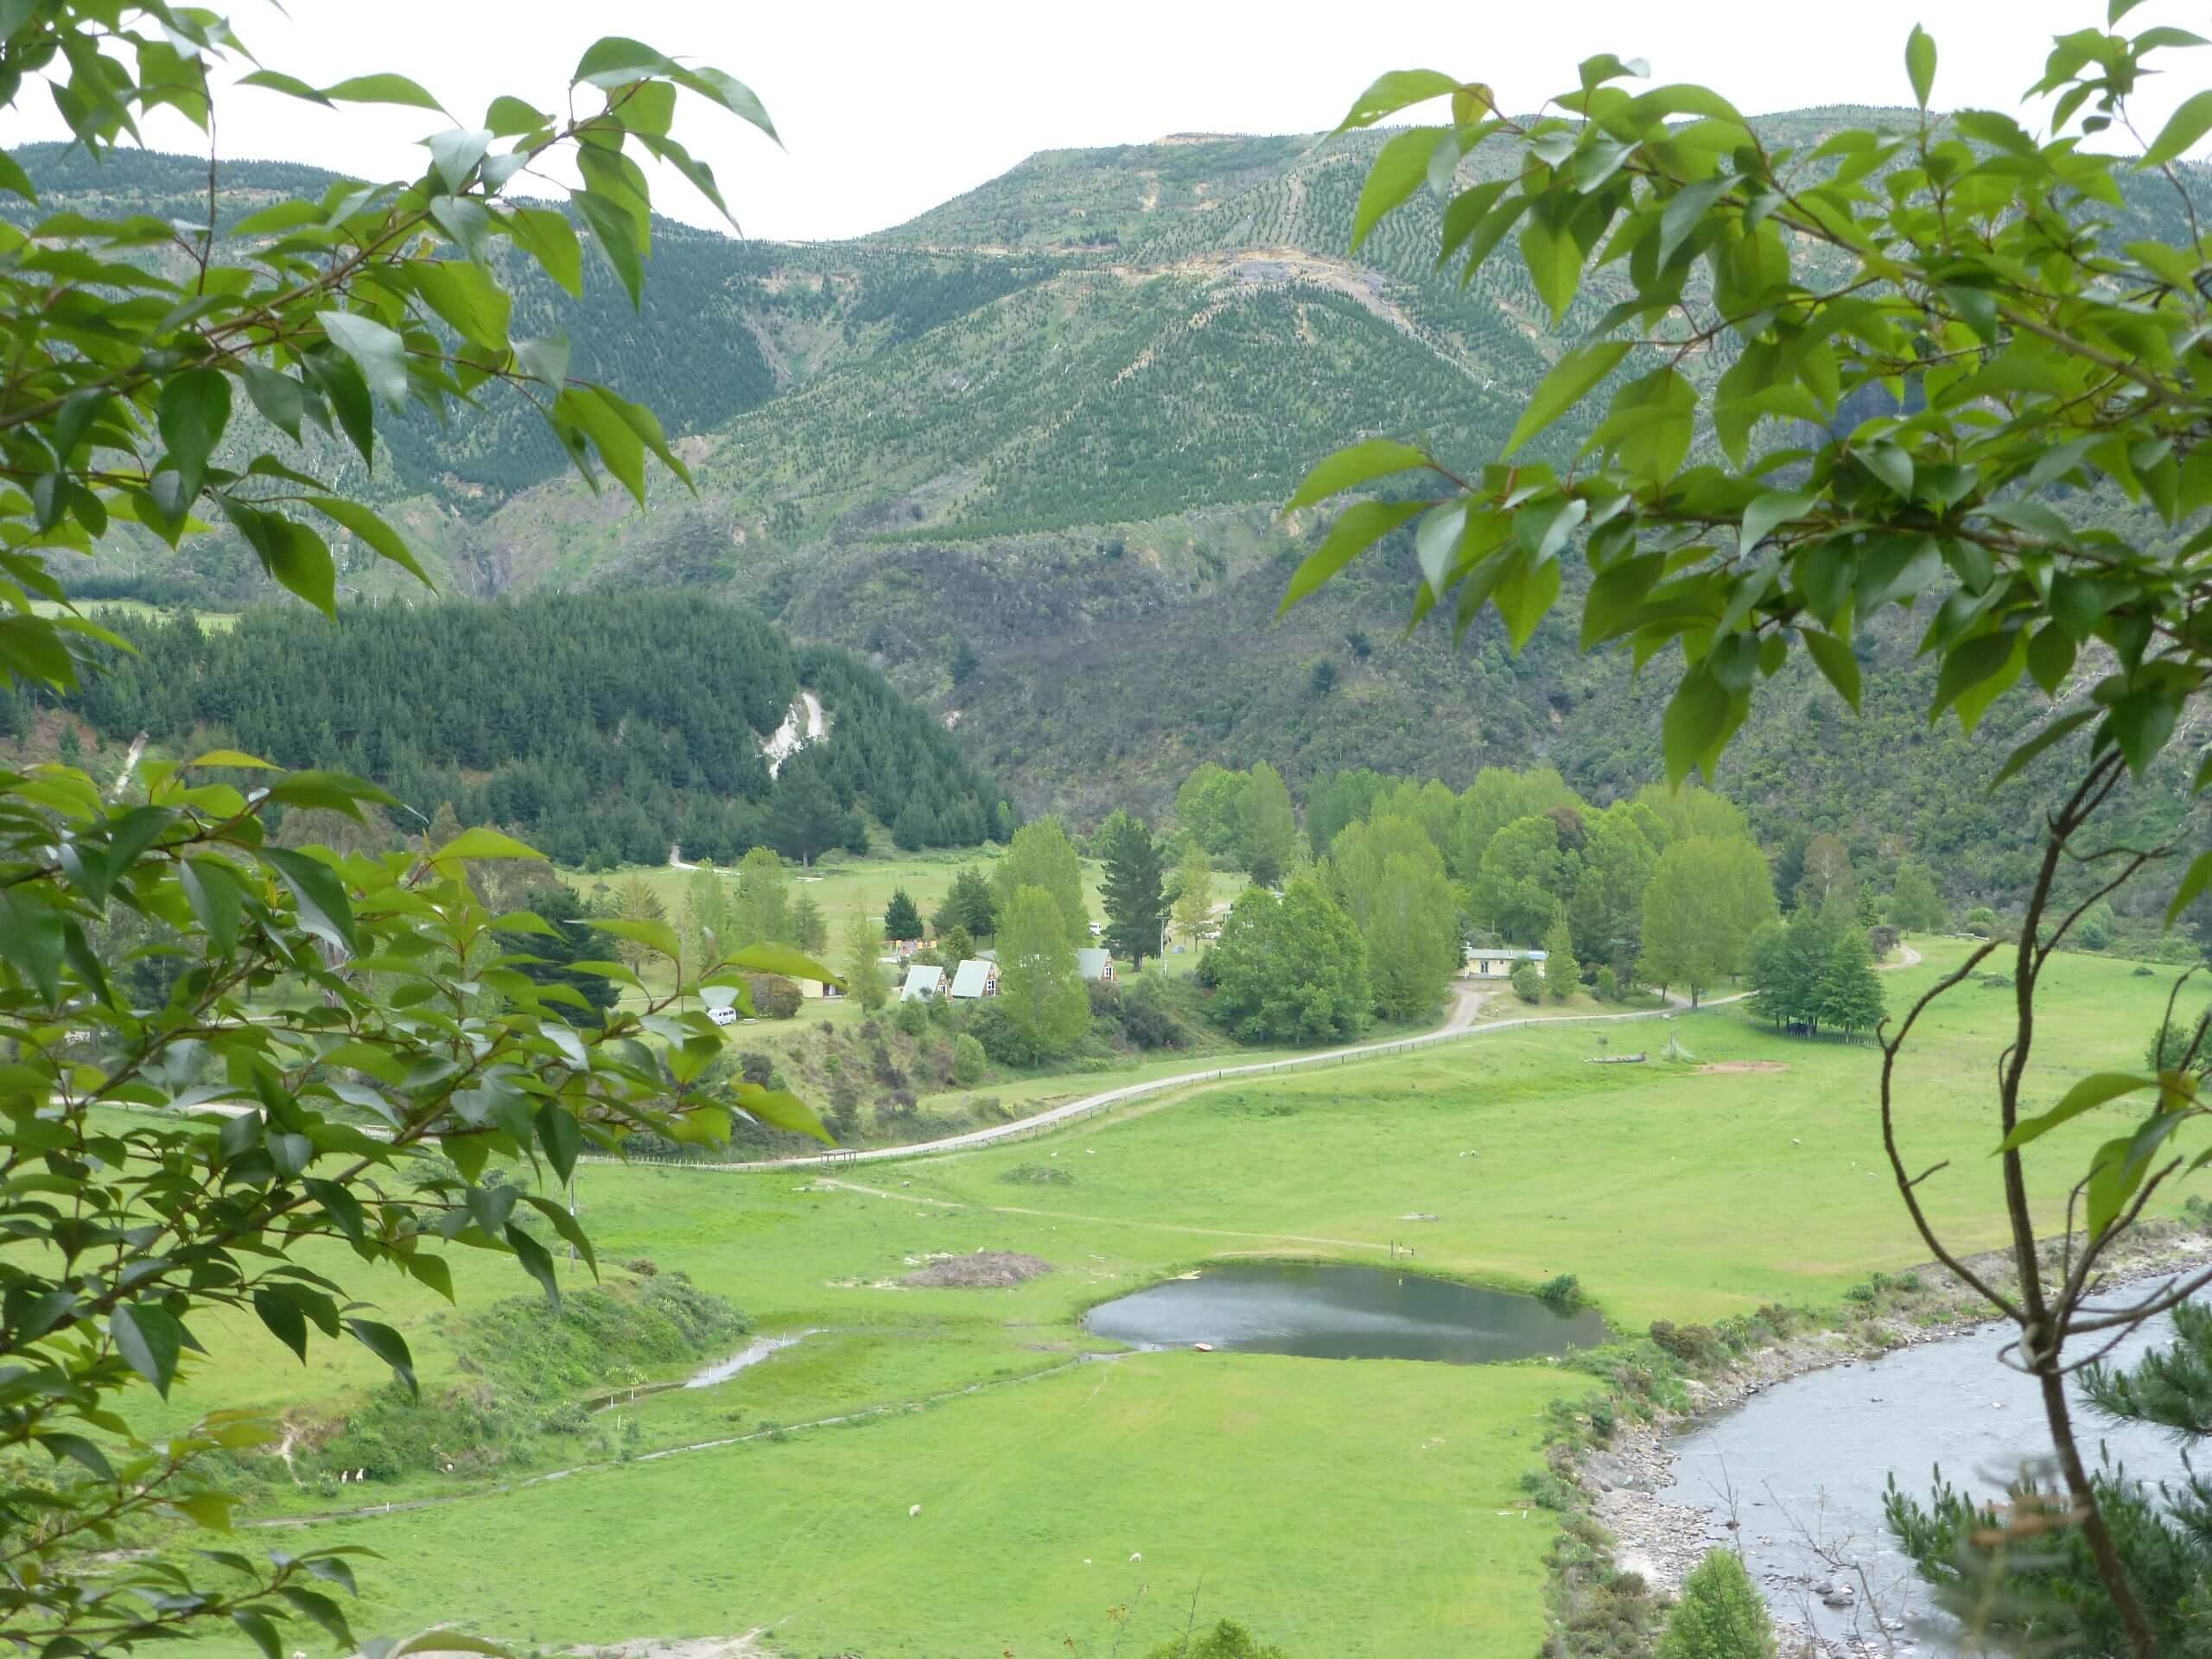 Weit weg Reisen, im Tal des Mōhaka River, die Mountain Valley Adventures Lodge 4